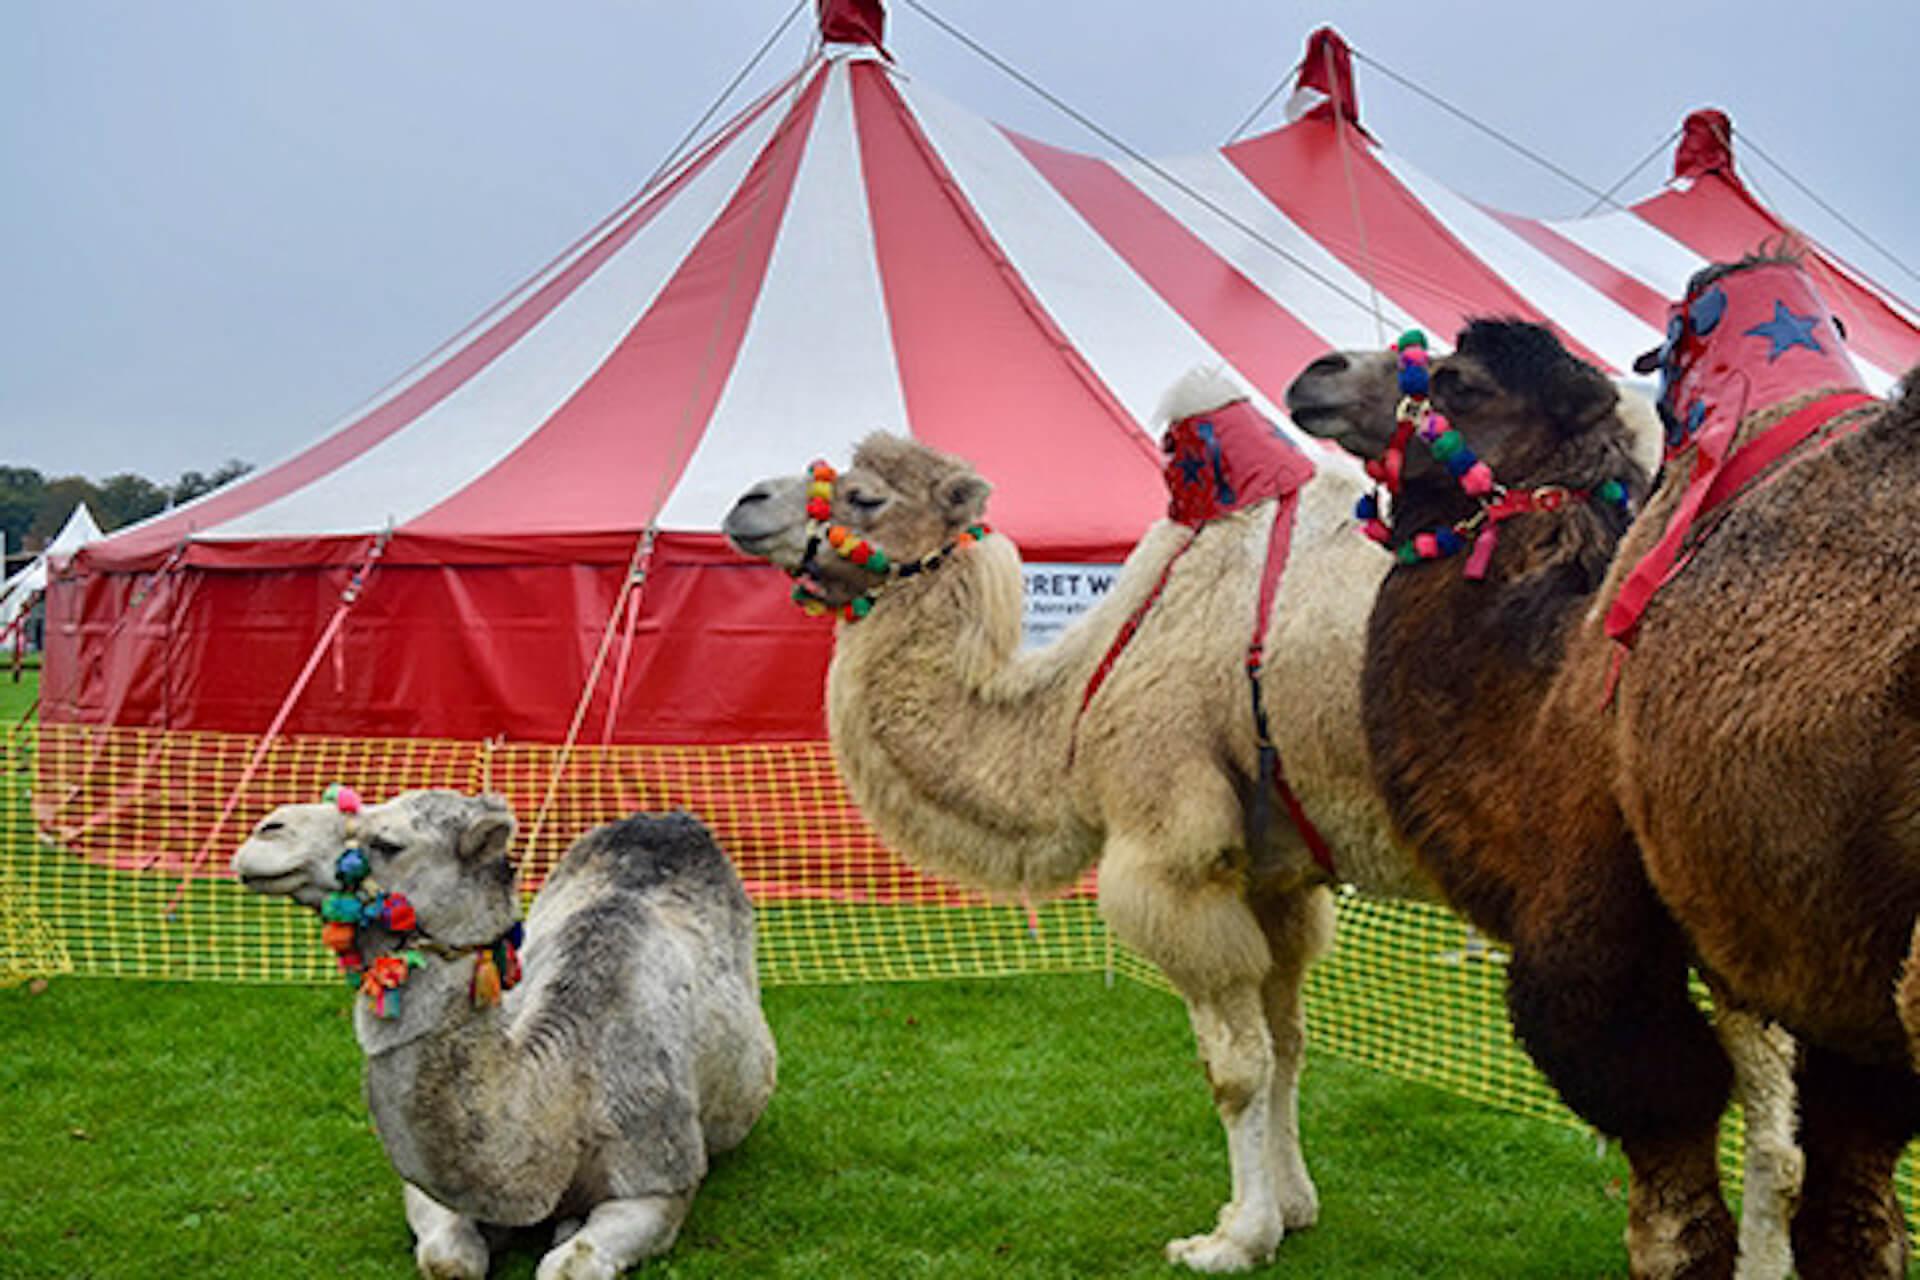 Camels at Showman's Show Newbury